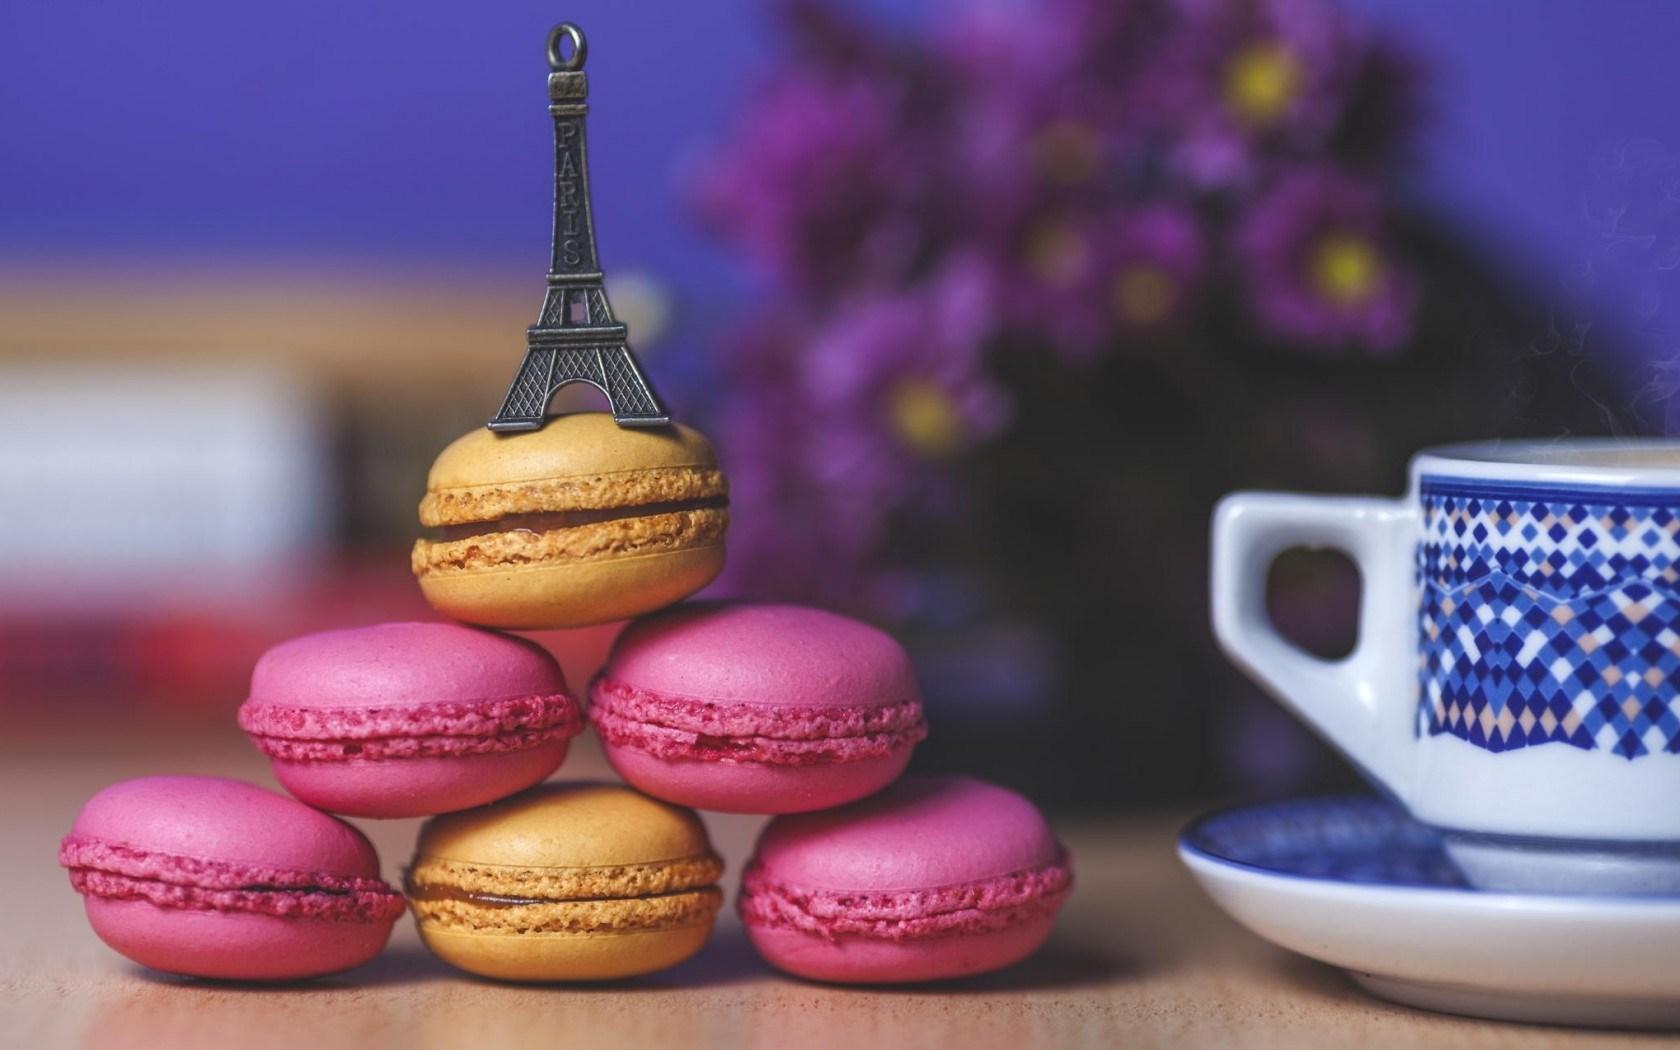 Download Wallpaper Paris Cute 13 Fantastic Hd Macaron Wallpapers